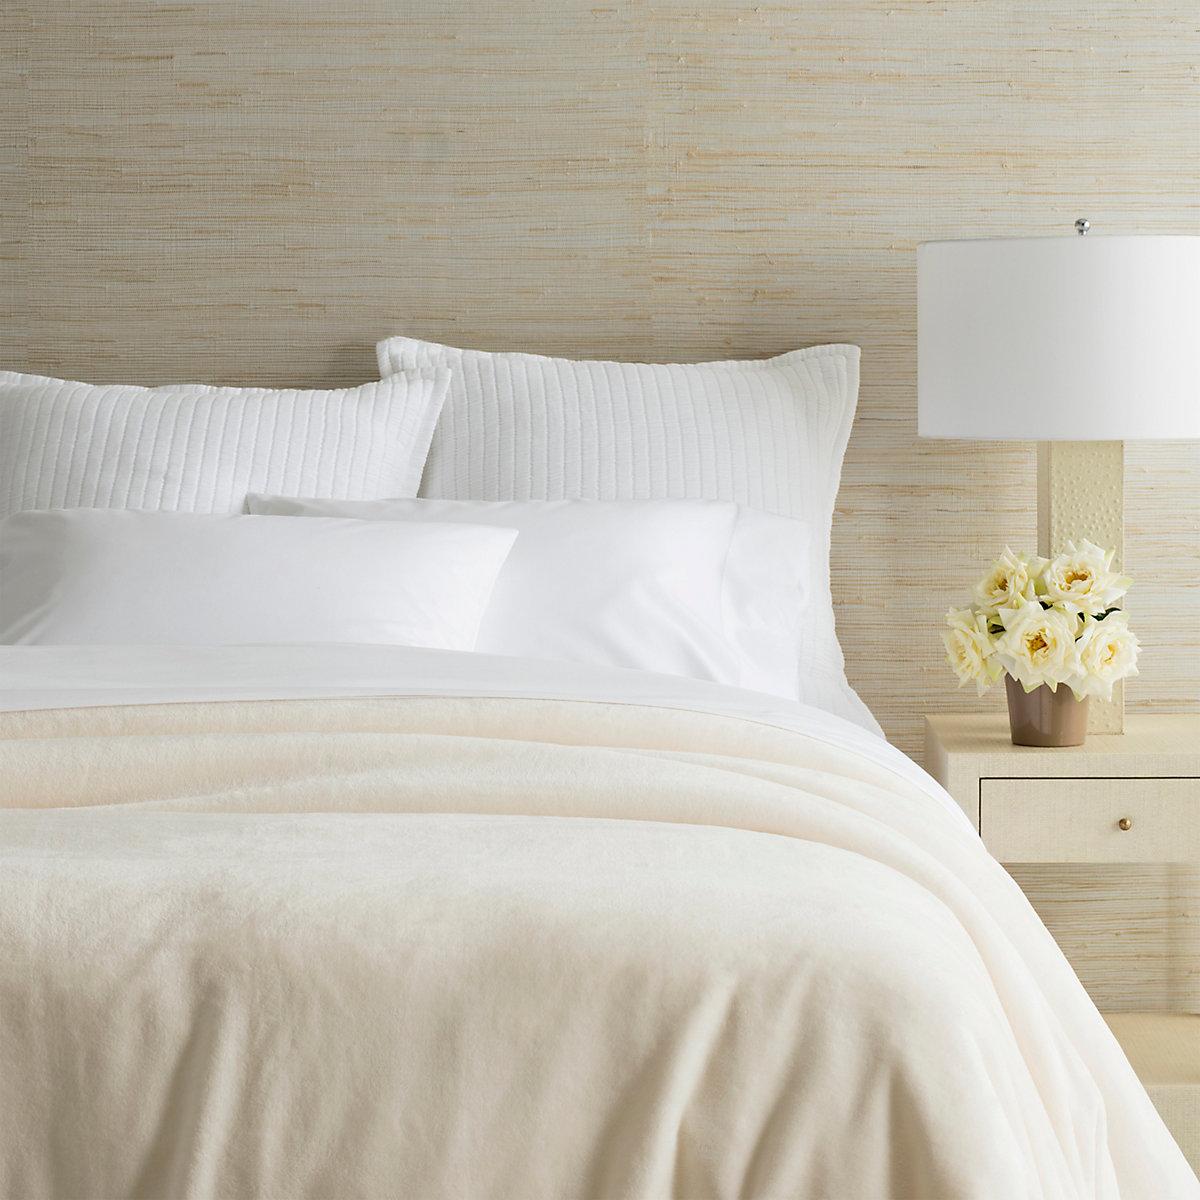 Selke Fleece Ivory Blanket Pine Cone Hill